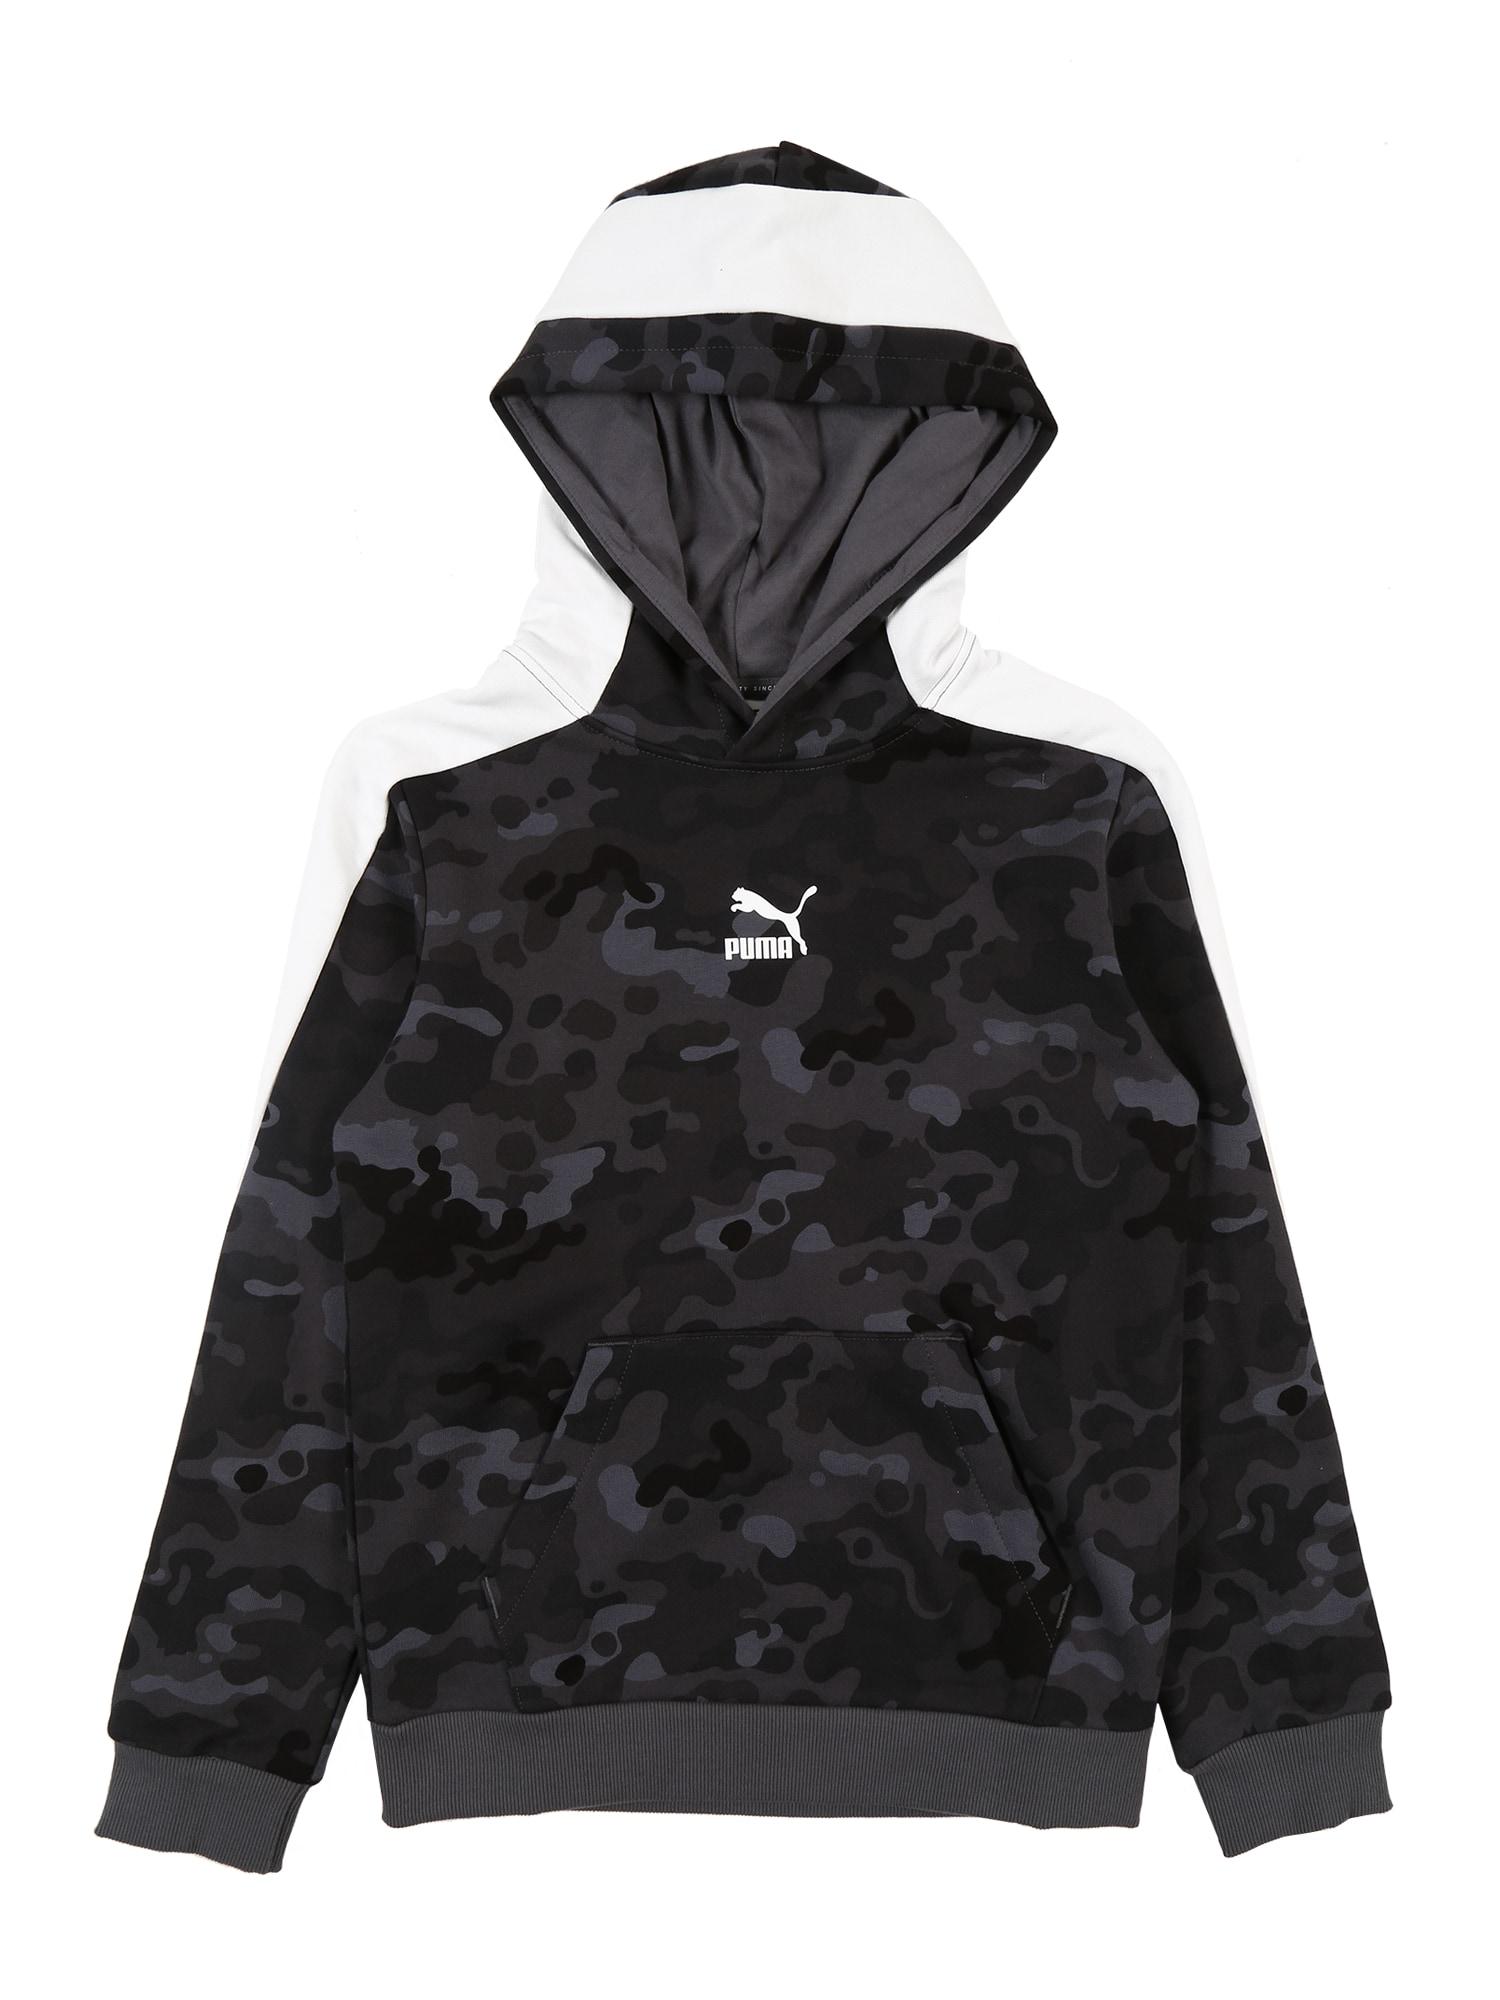 PUMA Sportinio tipo megztinis pilka / tamsiai pilka / juoda